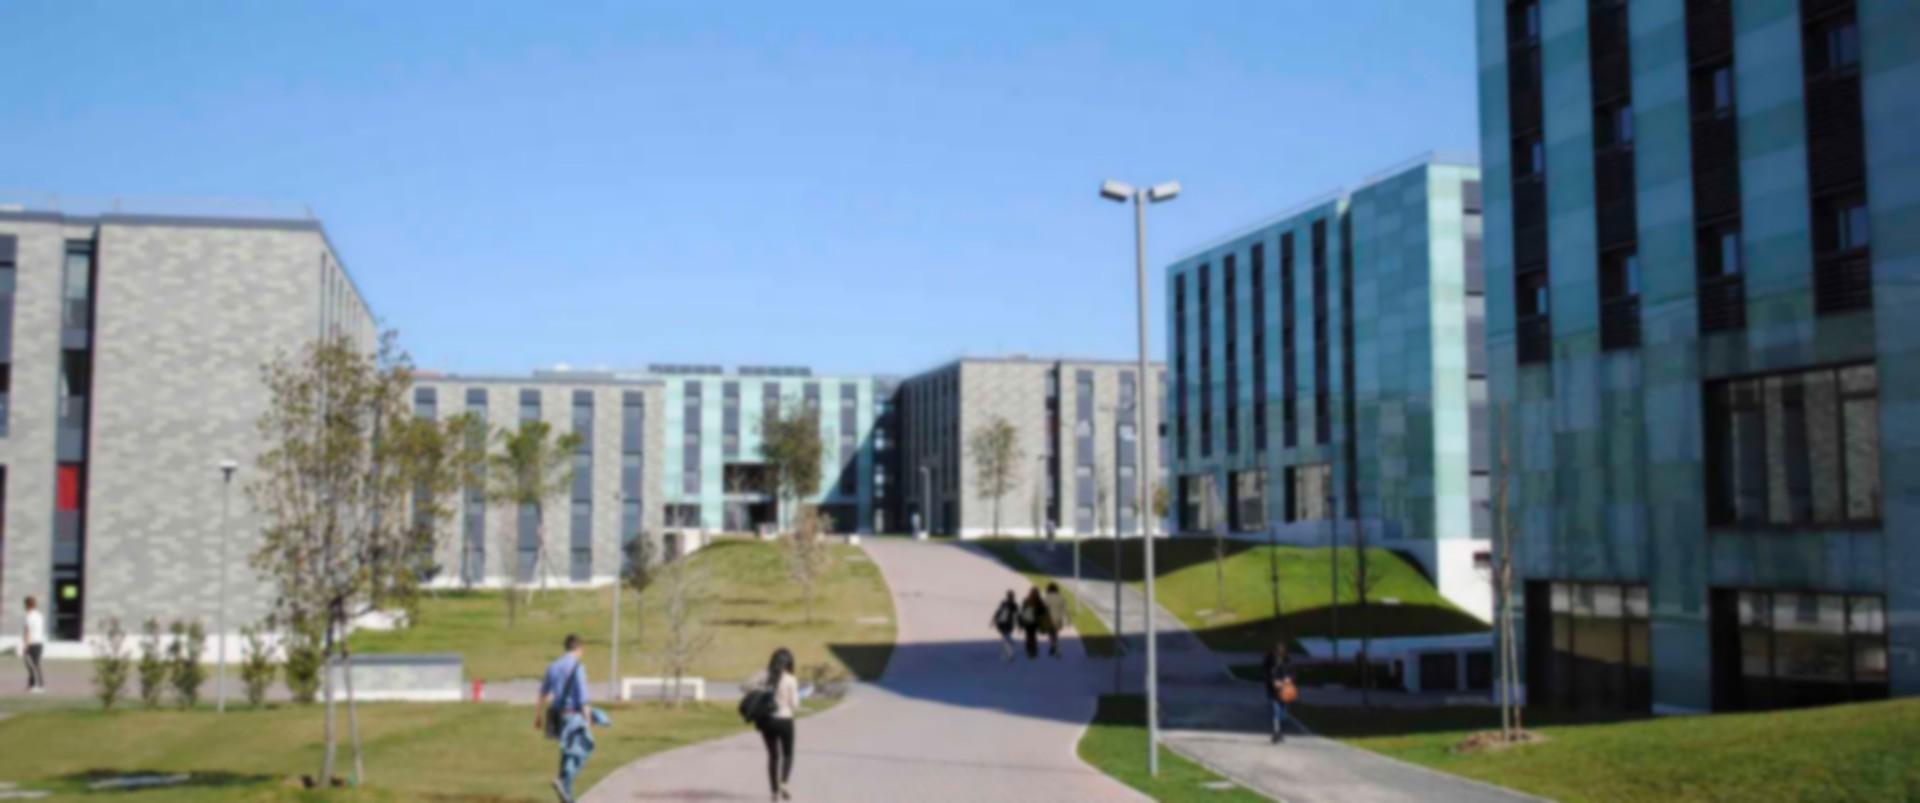 Universit degli studi di roma tor vergata studocu for Elenco studi di architettura roma